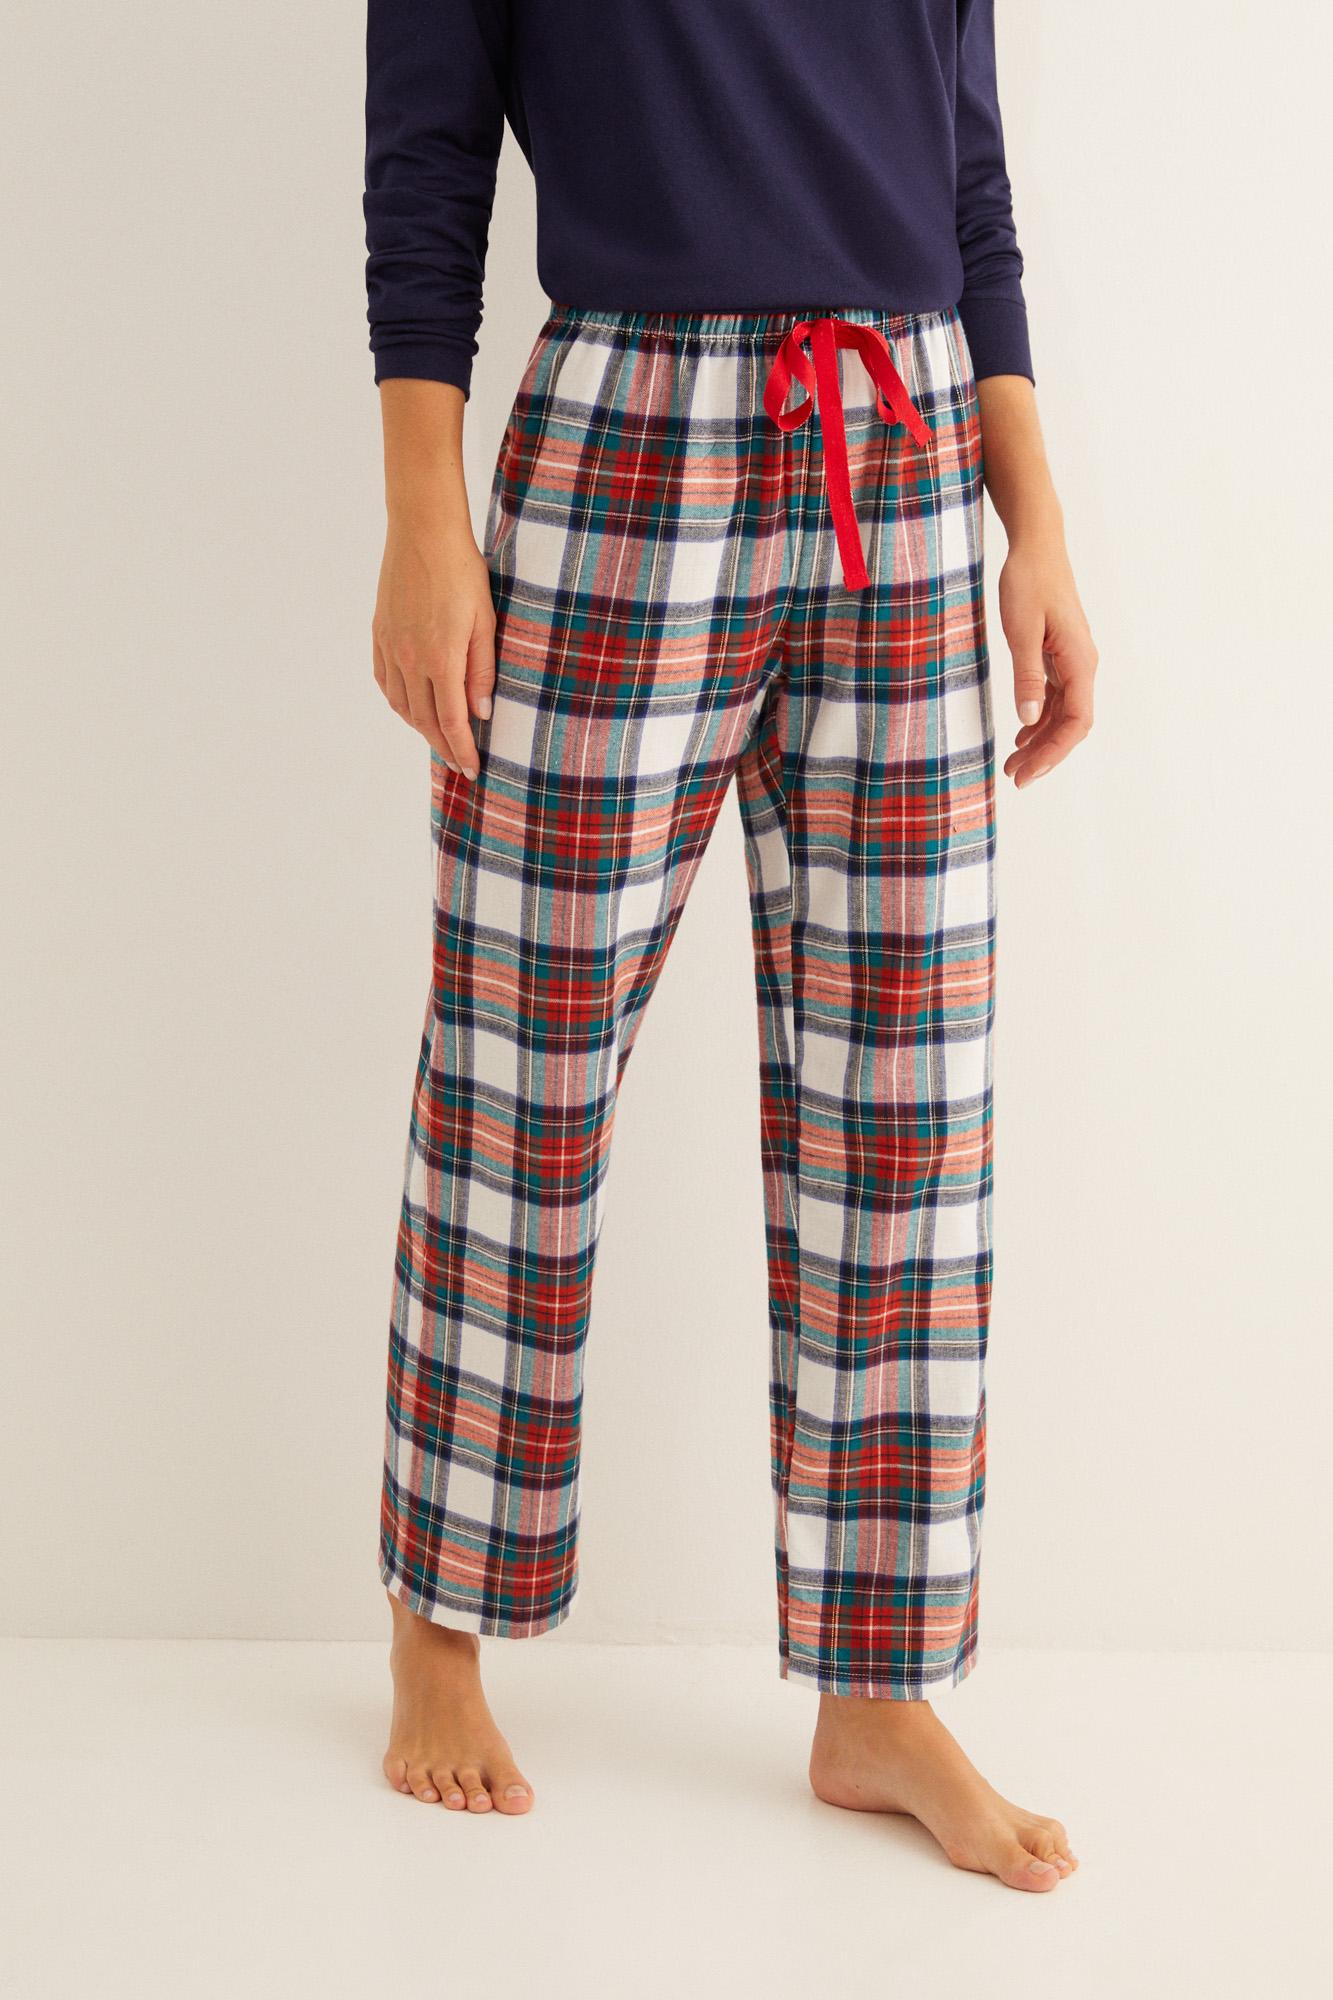 Pantalón largo de pijama estampado cuadros crudo